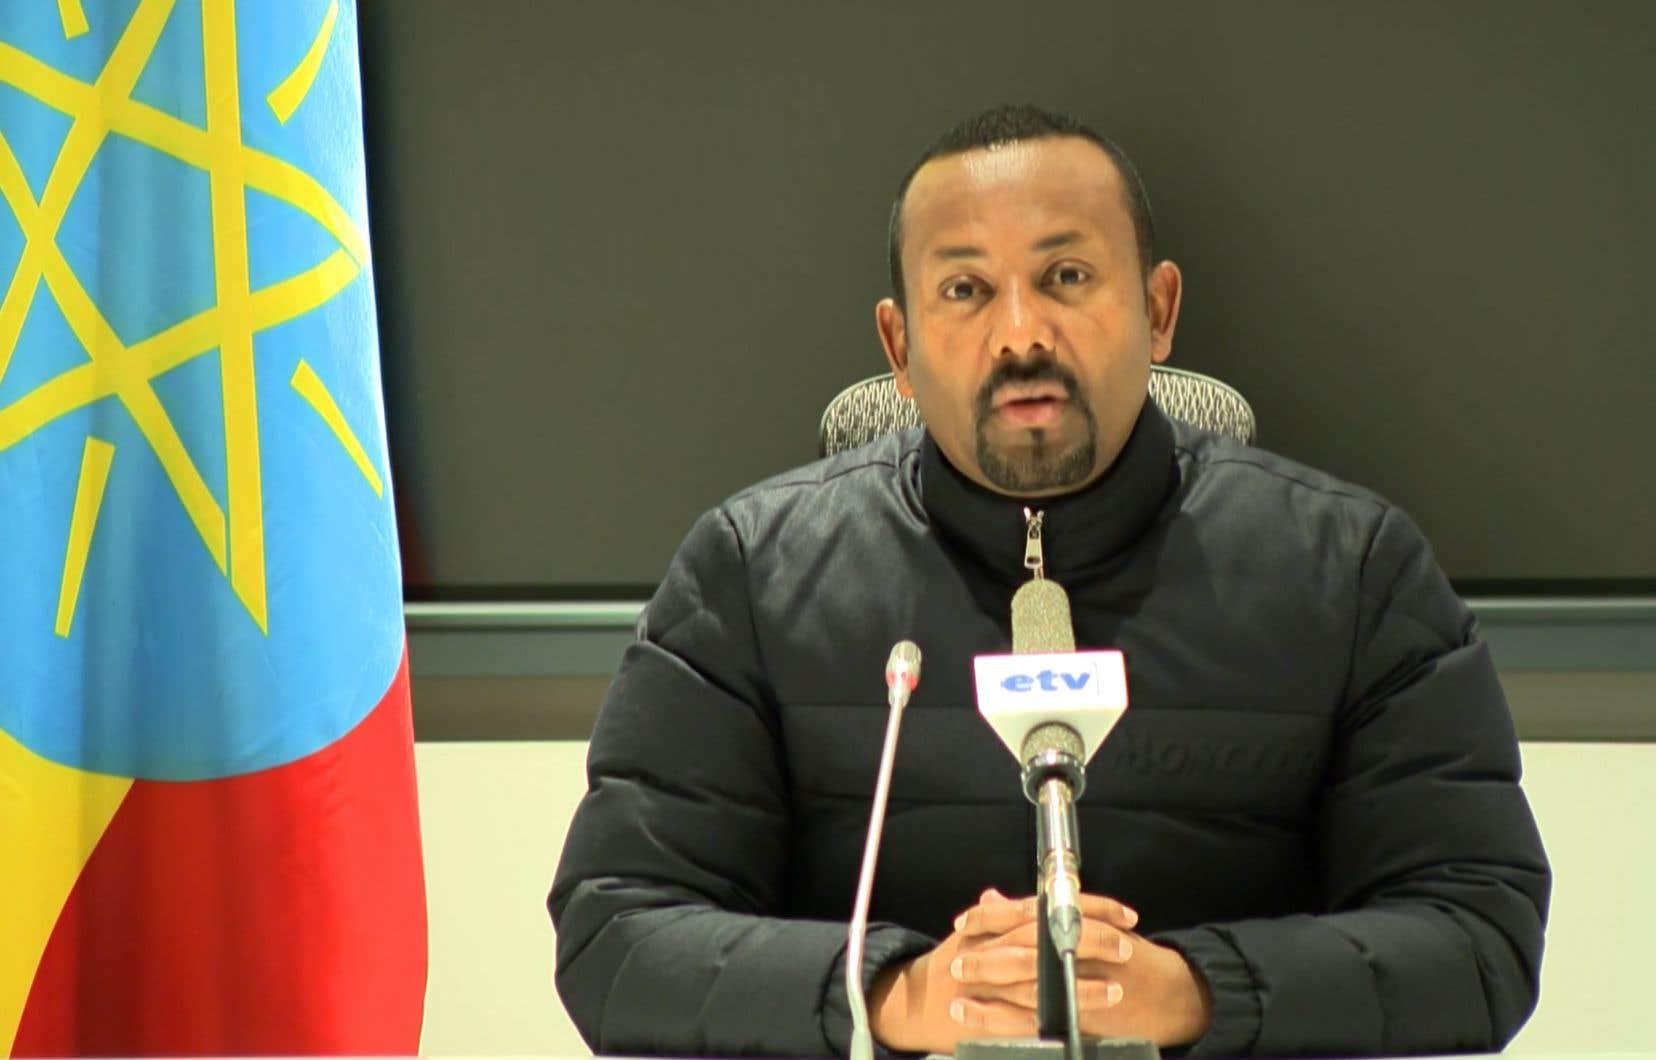 Mercredi matin, le premier ministre, Abiy Ahmed, avait annoncé le lancement d'opérations militaires contre les autorités de la région, qu'il accuse d'avoir attaqué des bases militaires éthiopiennes au Tigré.